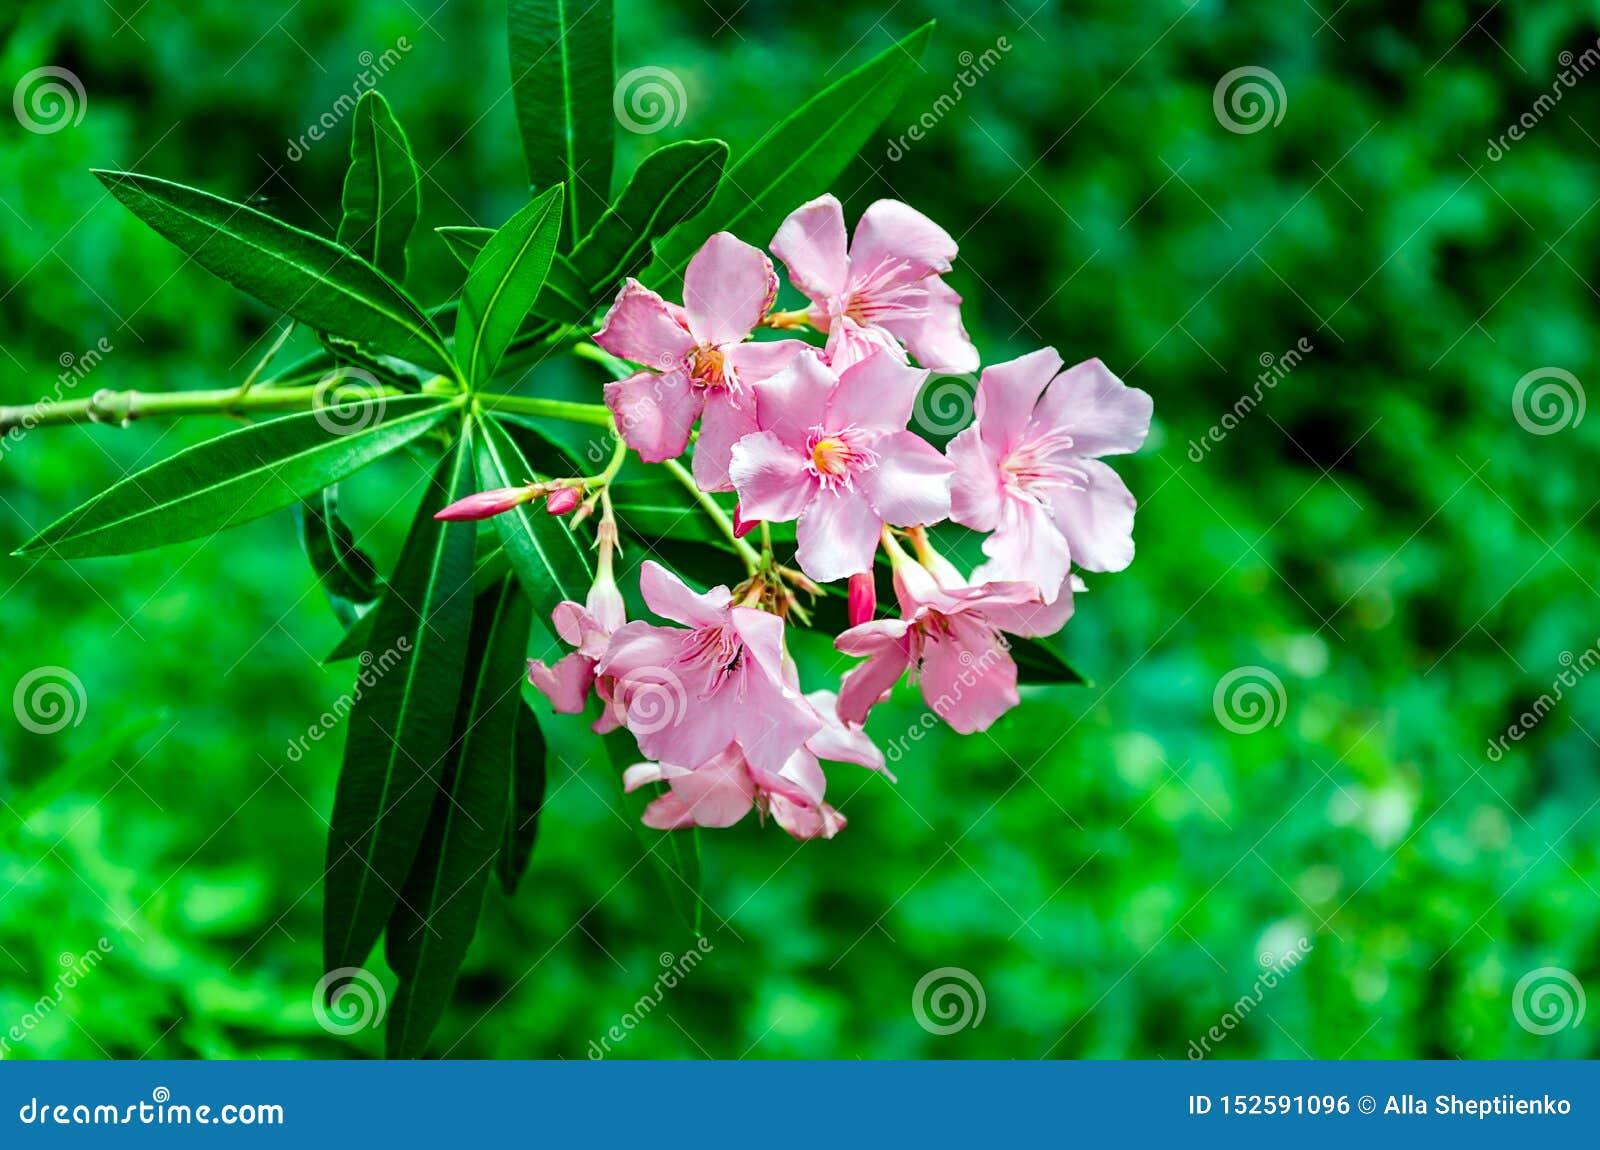 Inflorescencia de flores rosadas en el jardín del verano